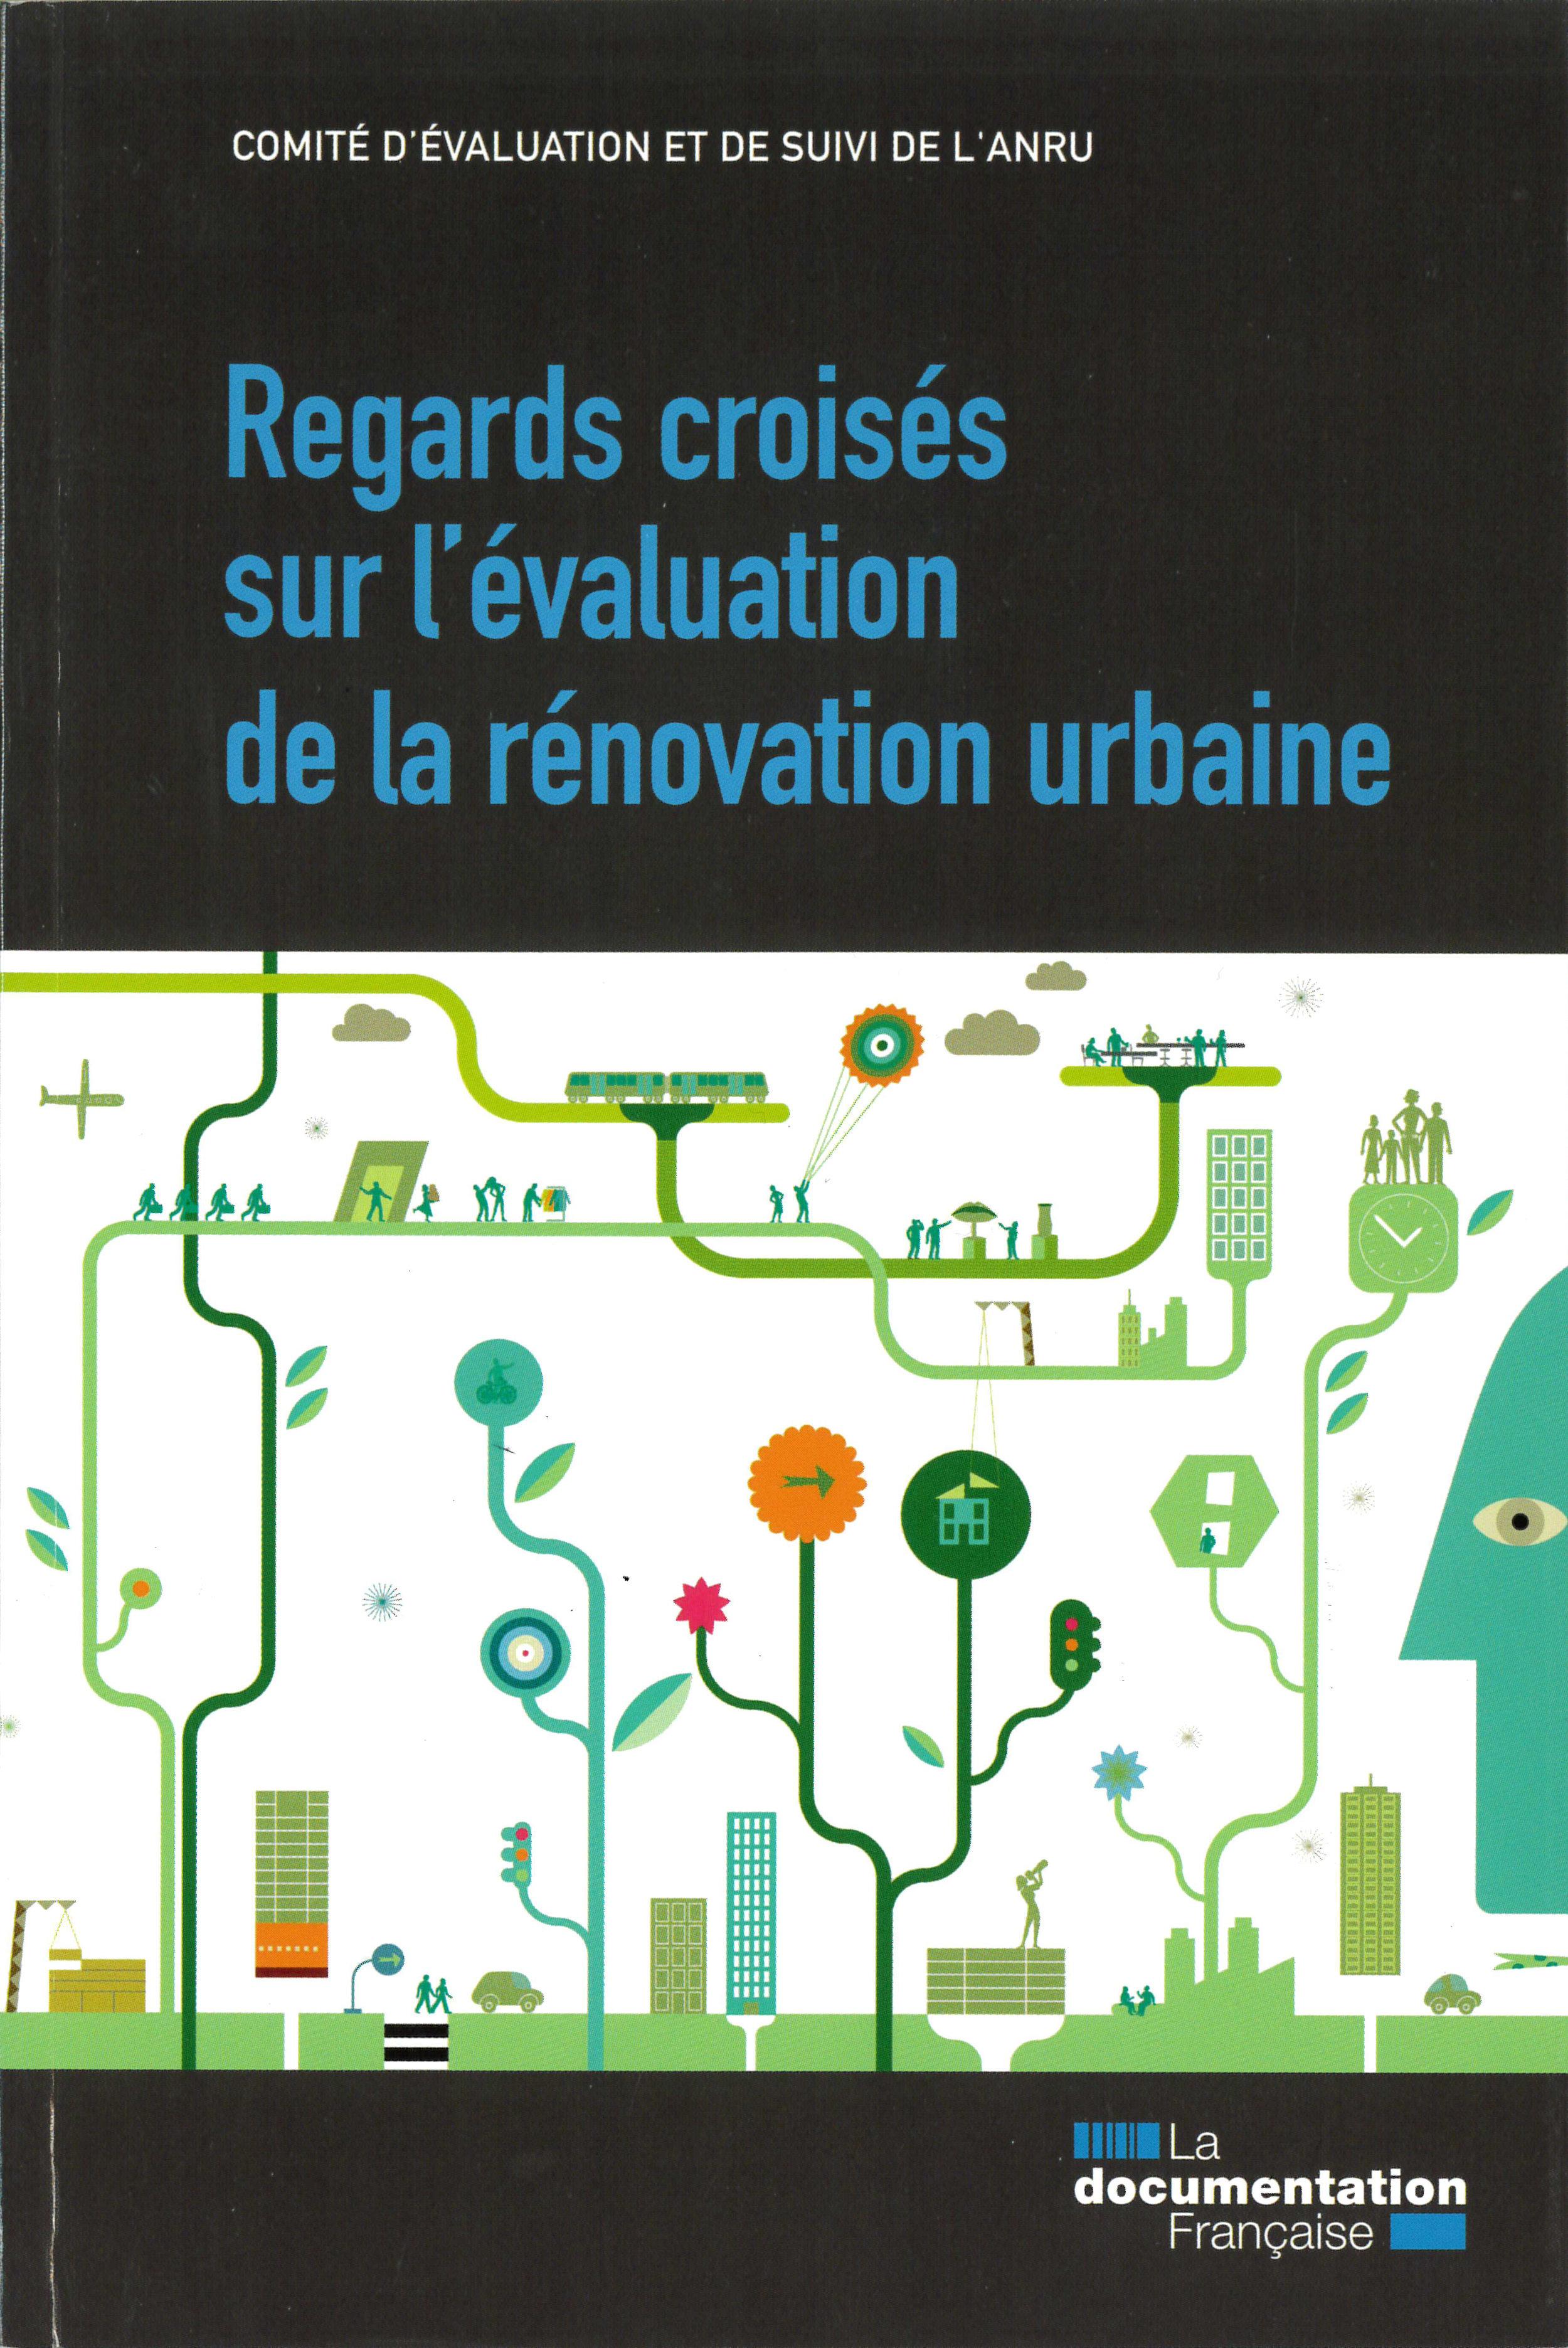 La doc Française - Regards croisés évaluation rénavation urbaine_cover 1